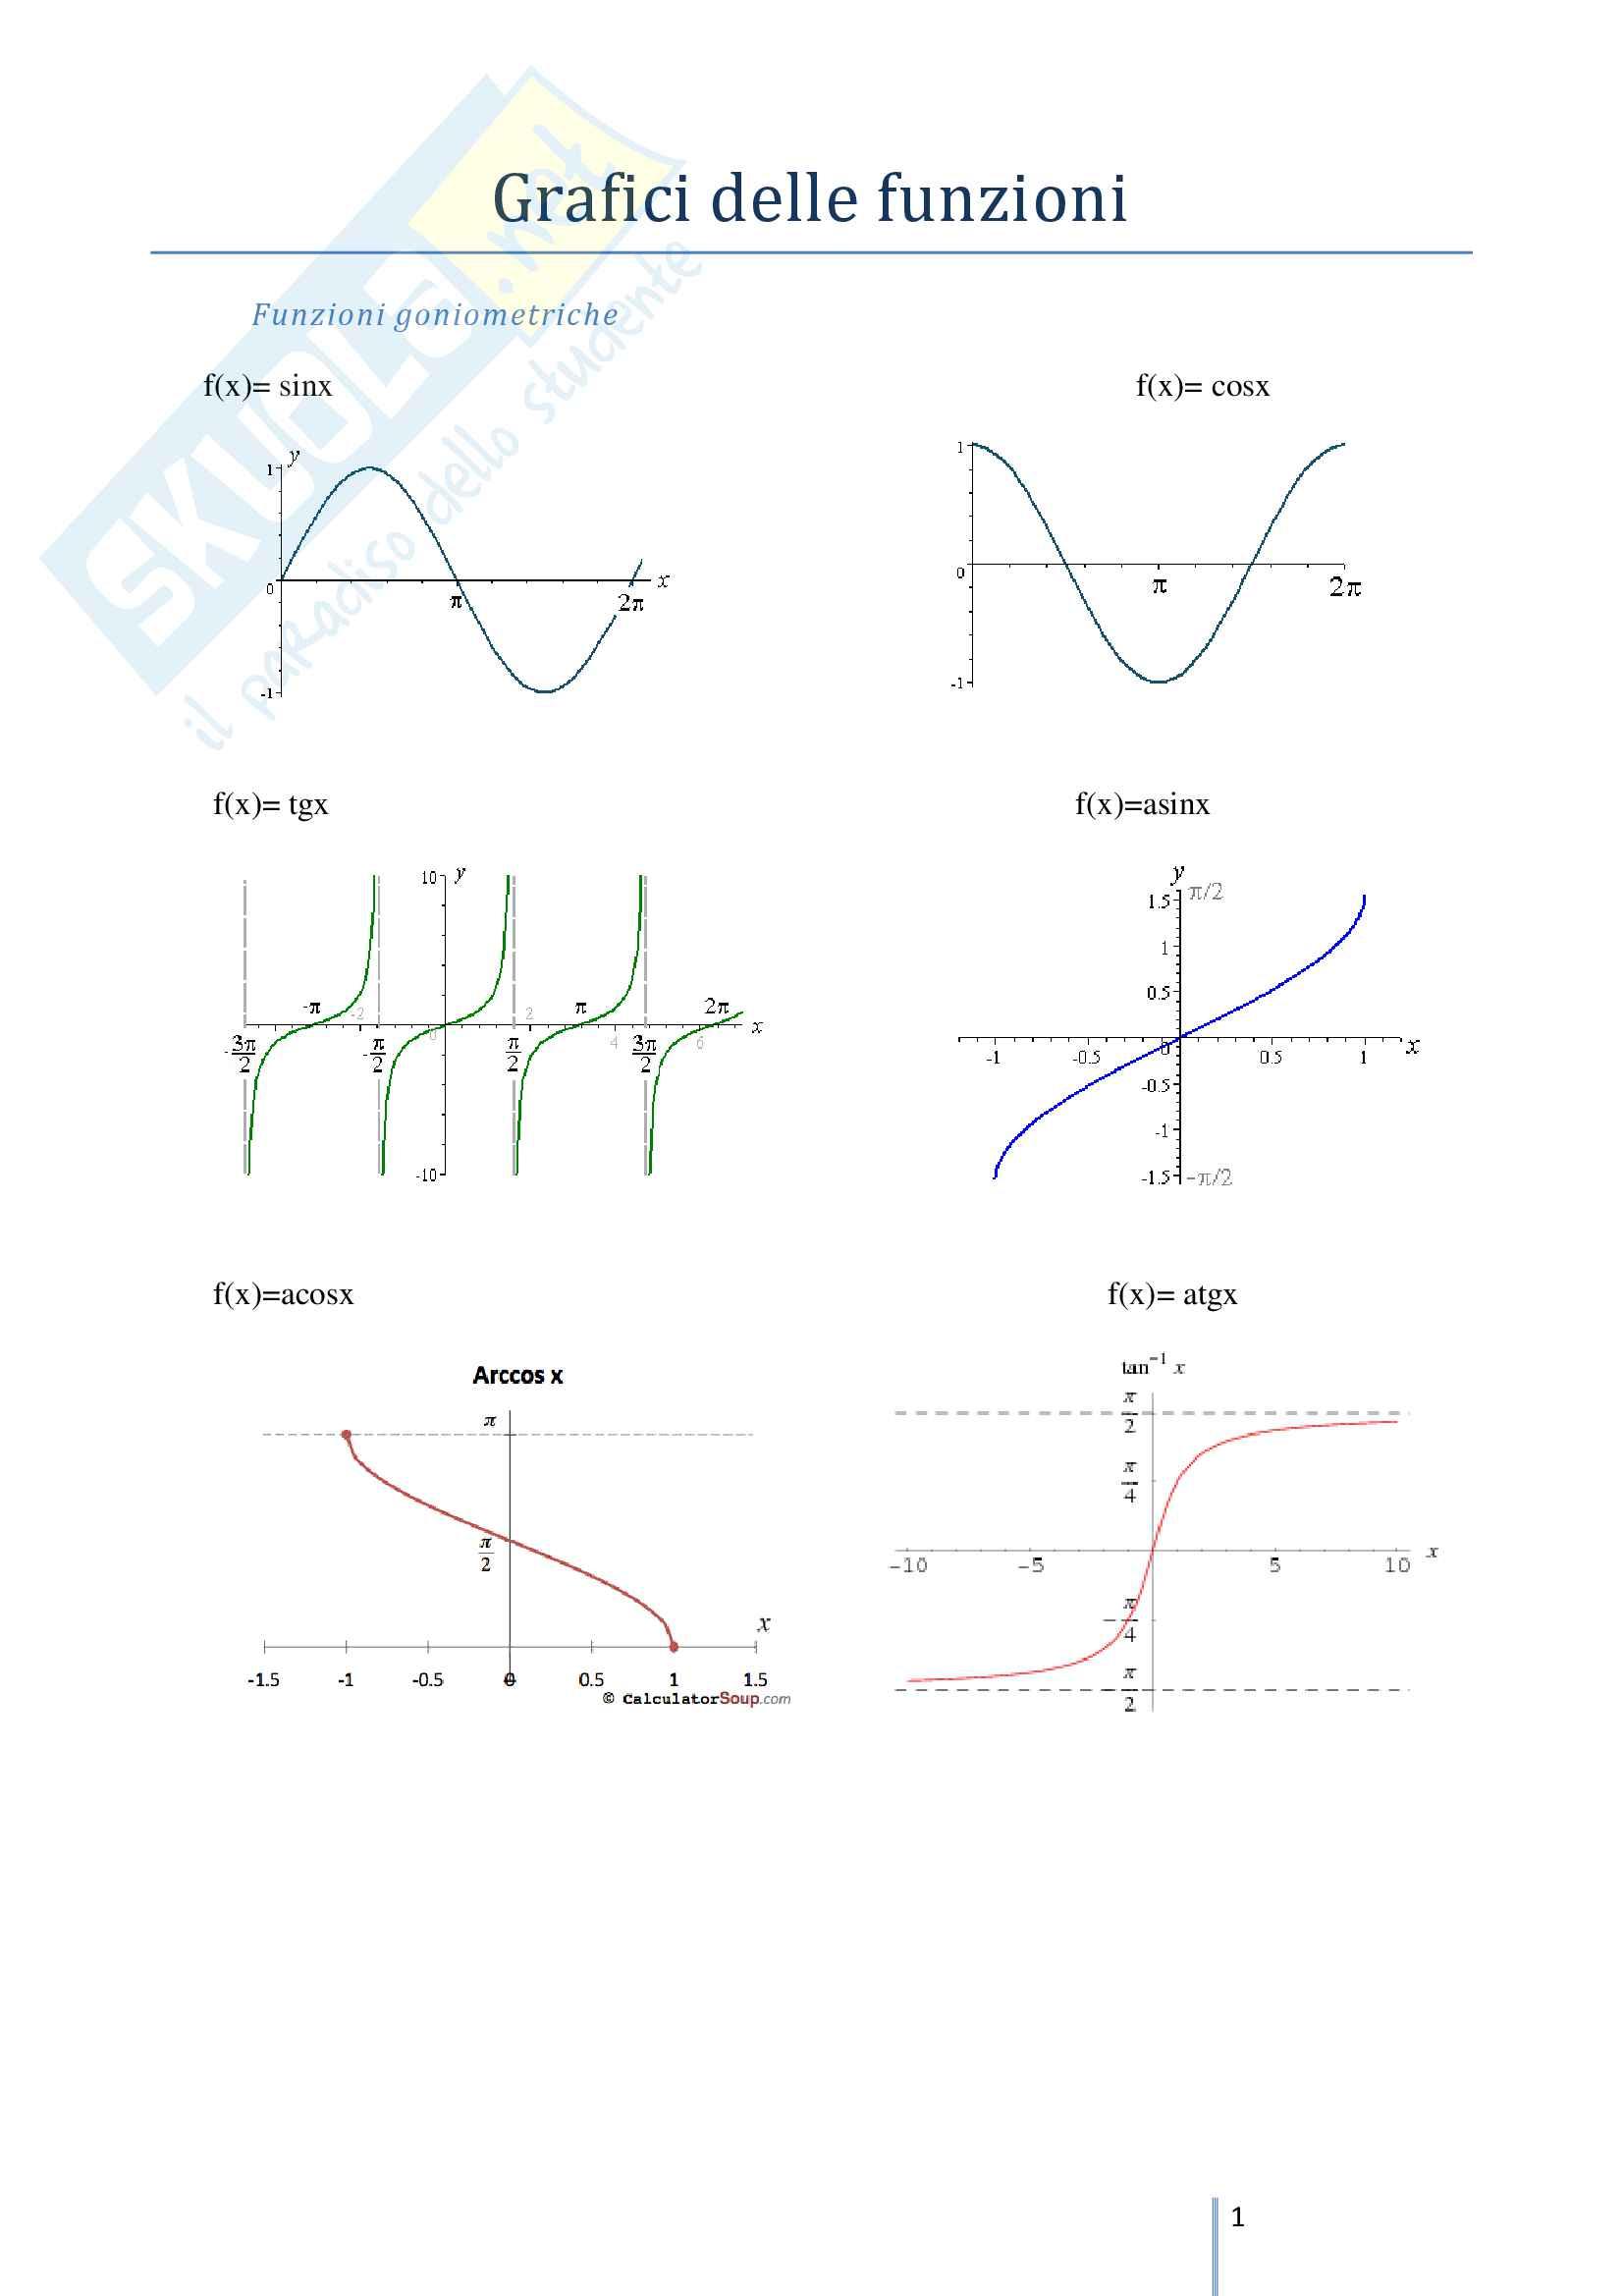 Appunti propedeutici per lo studio di funzione di Analisi 1 - solo teoria, no esercizi.